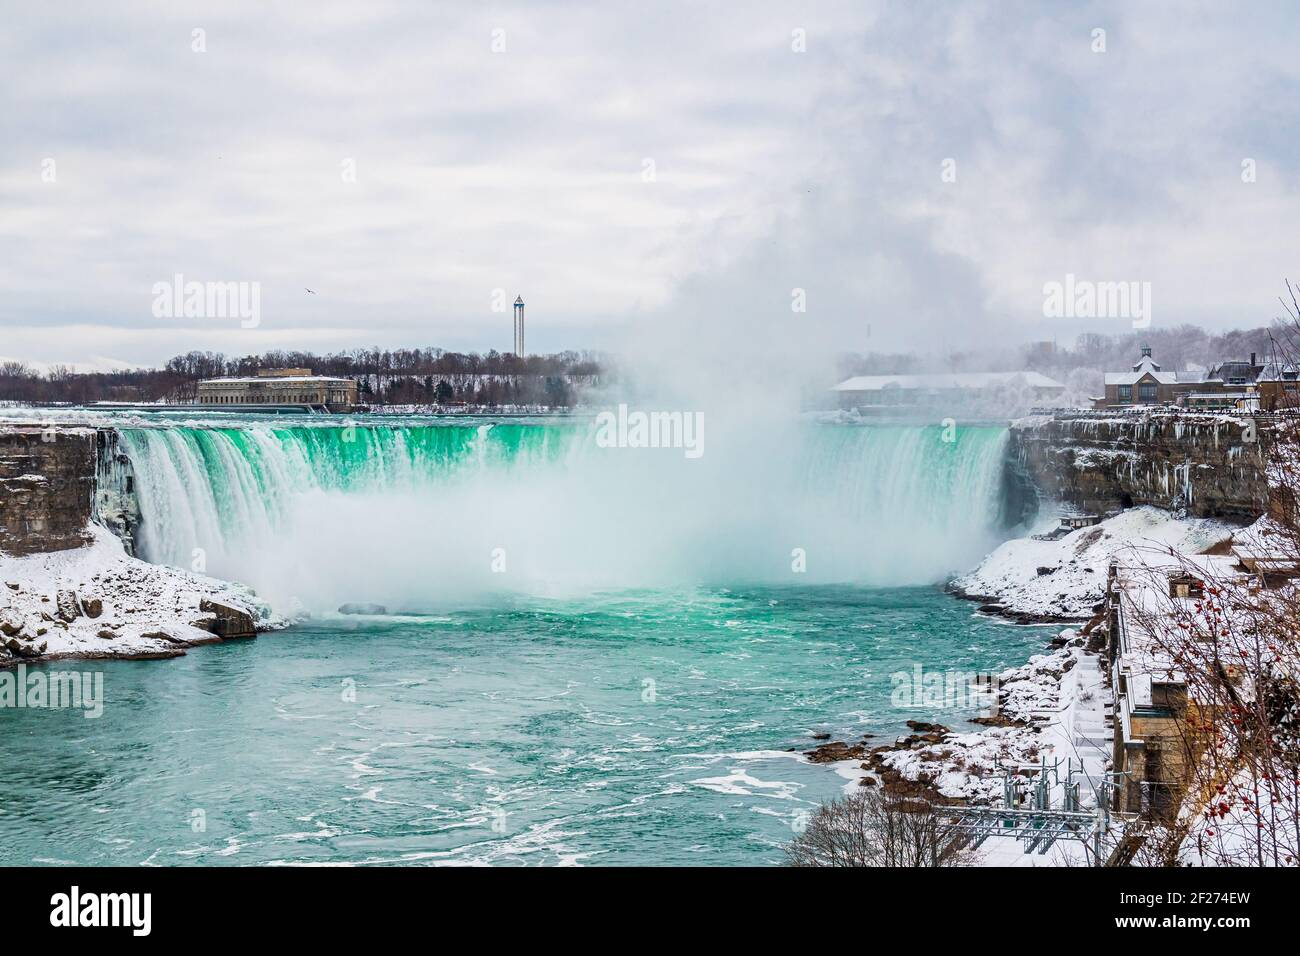 Niagara Falls Ontario Canada in winter Stock Photo